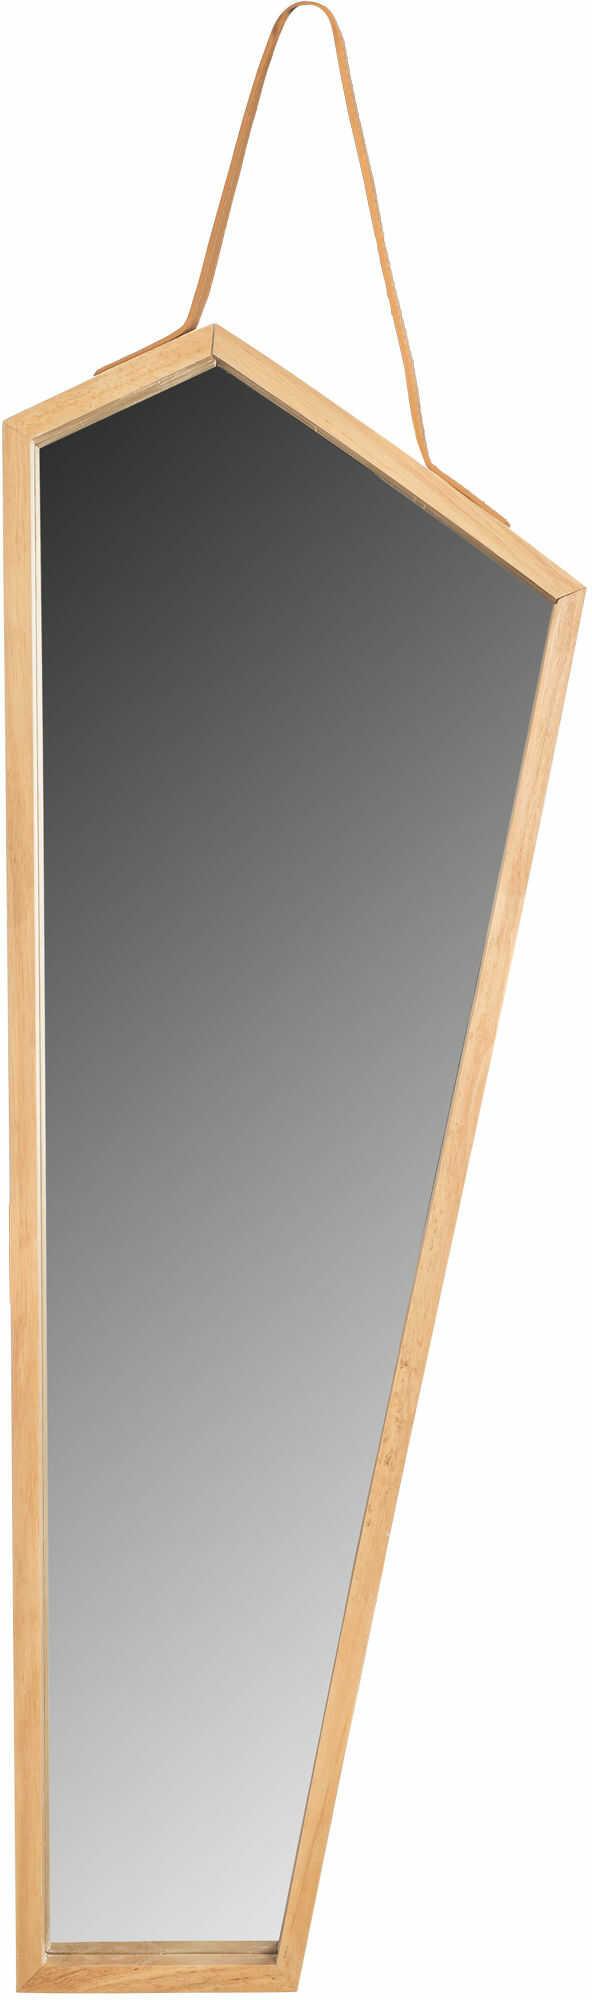 Tutumi Lustro Asymetryczne Drewniane na Pasku 85 cm YMJZ20217